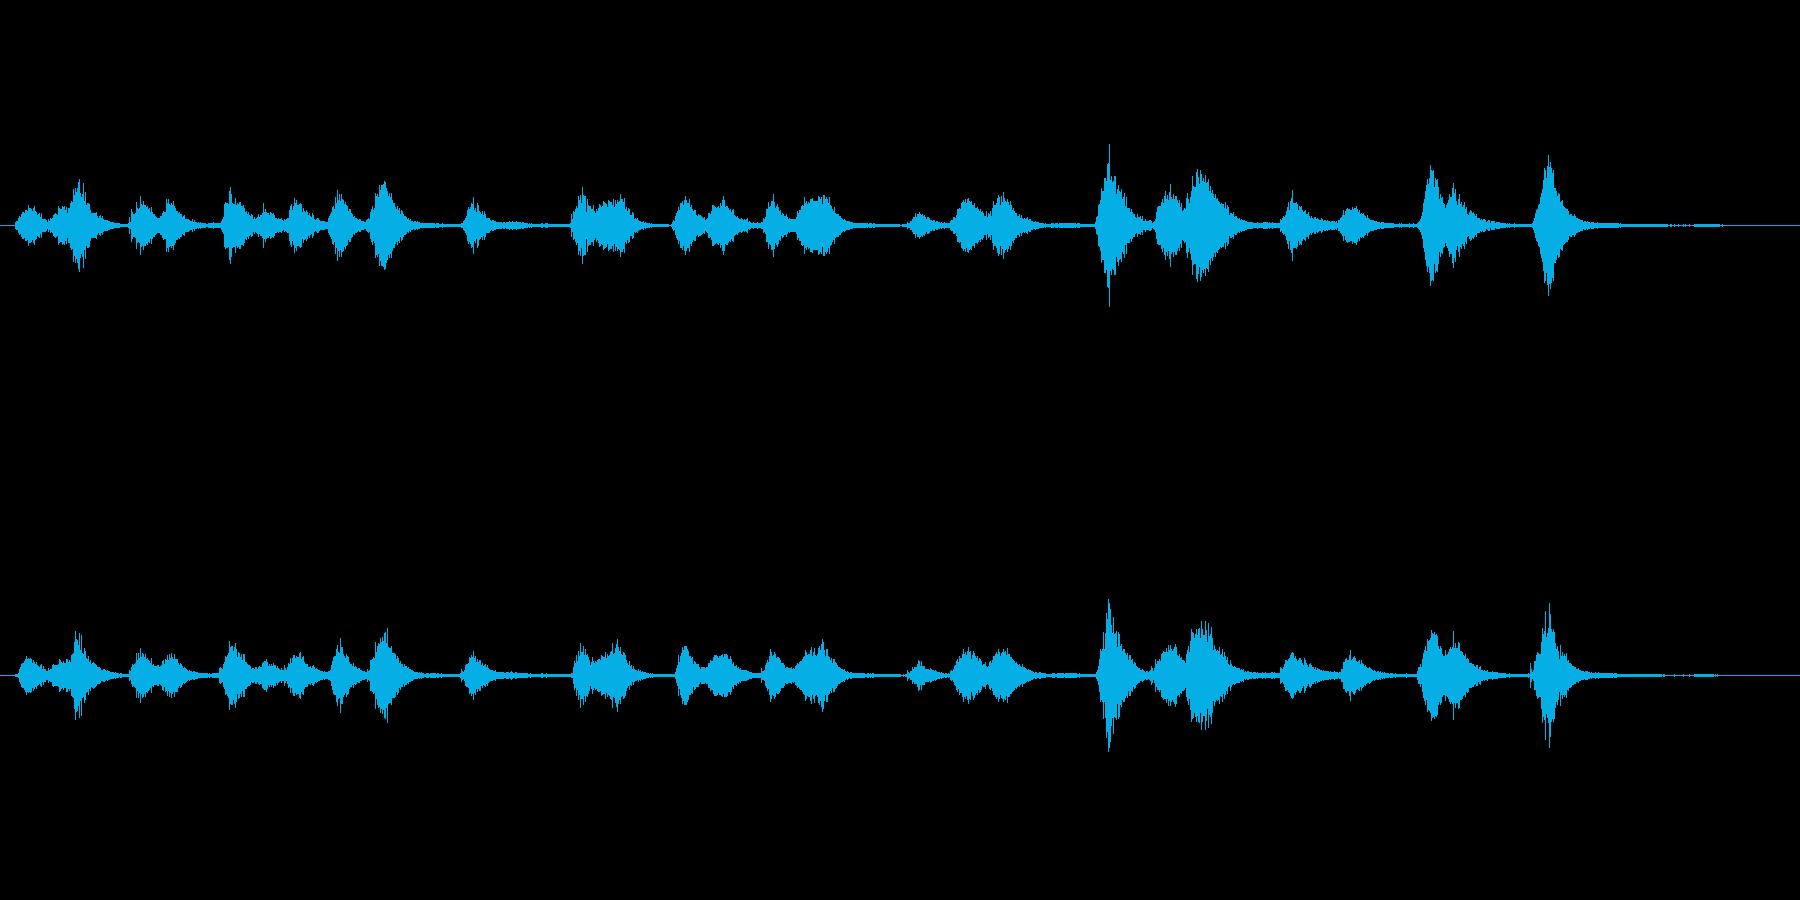 キラキラ星空ウィンドチャイム Starの再生済みの波形